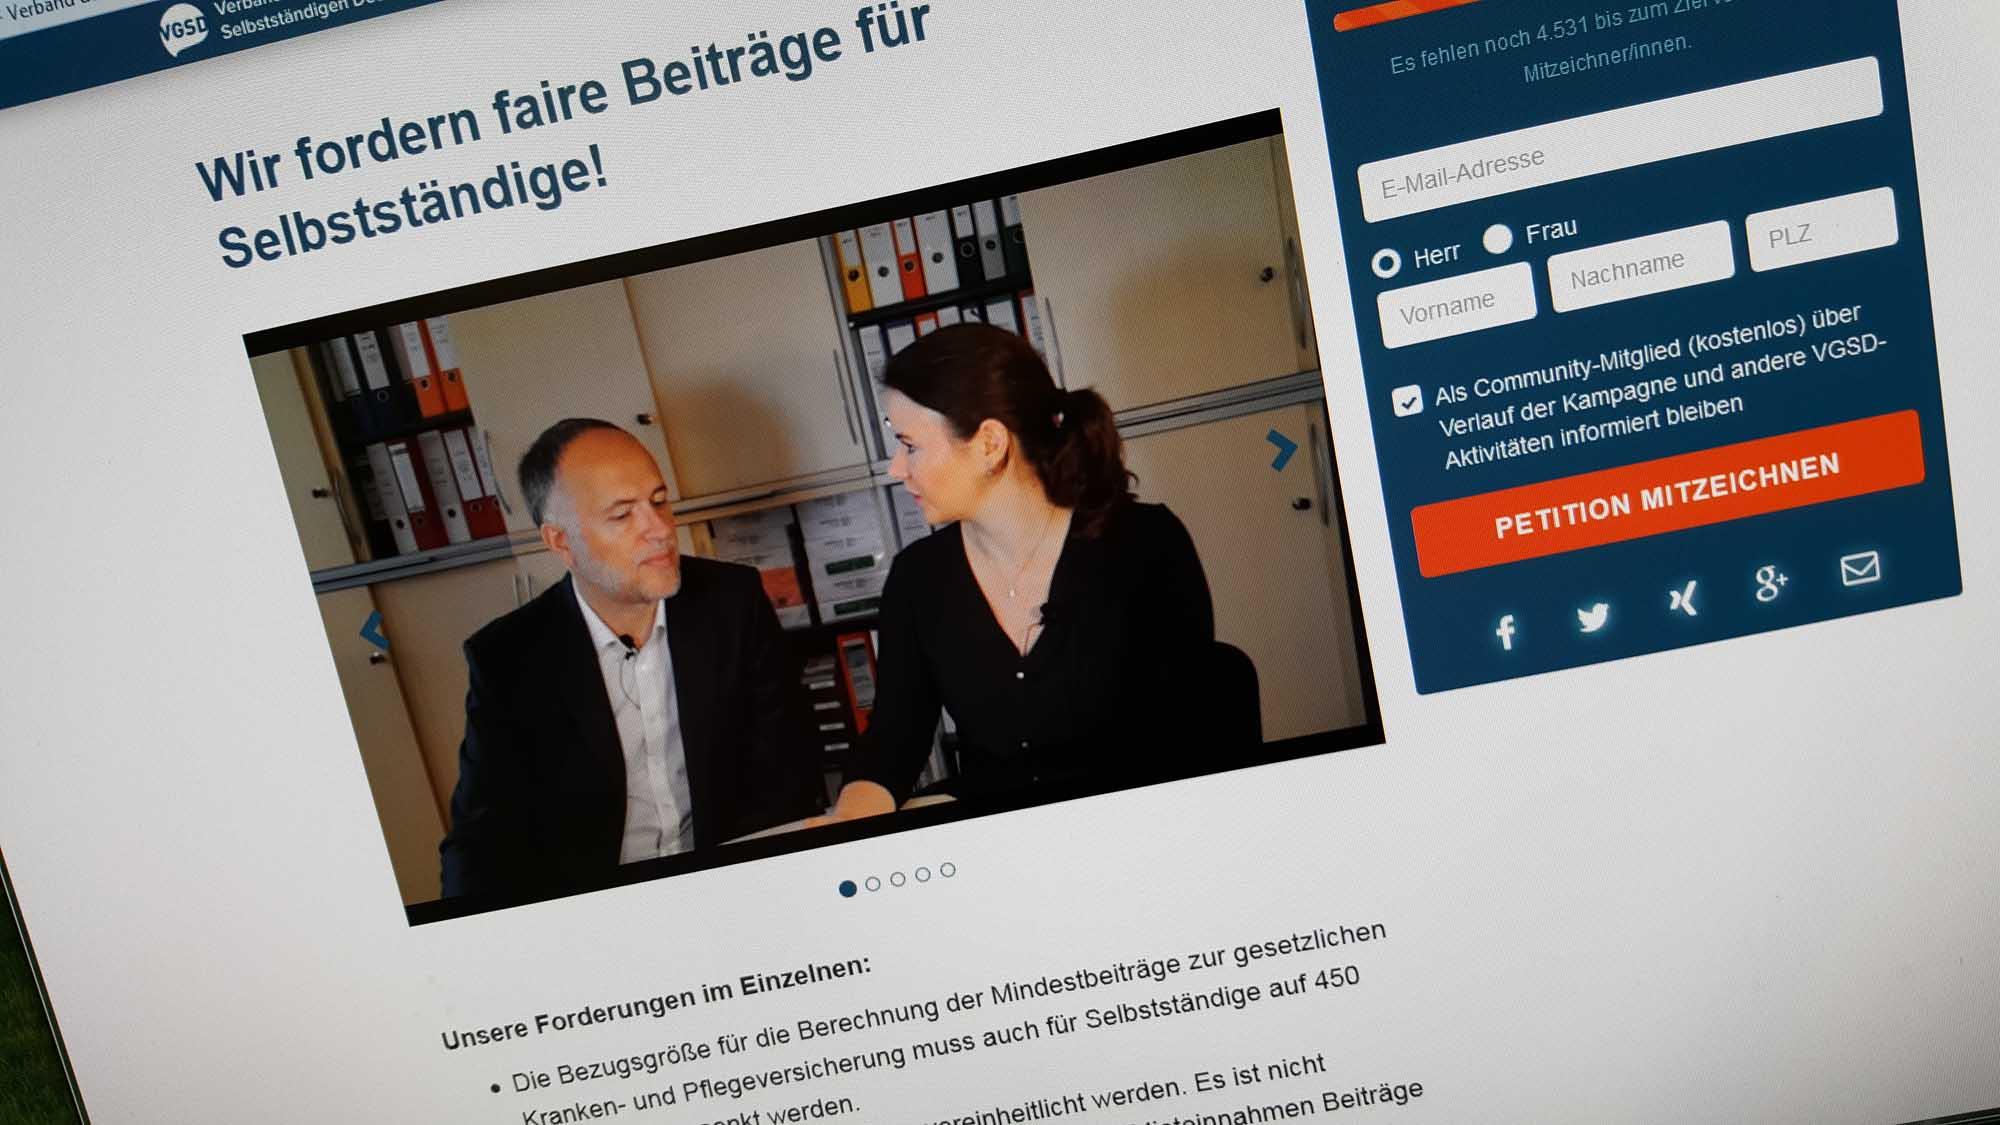 Der Verband der Gründer und Selbständigen informiert sehr umfassend zum Thema mit mehreren Videos. Bild: Website des VGSD